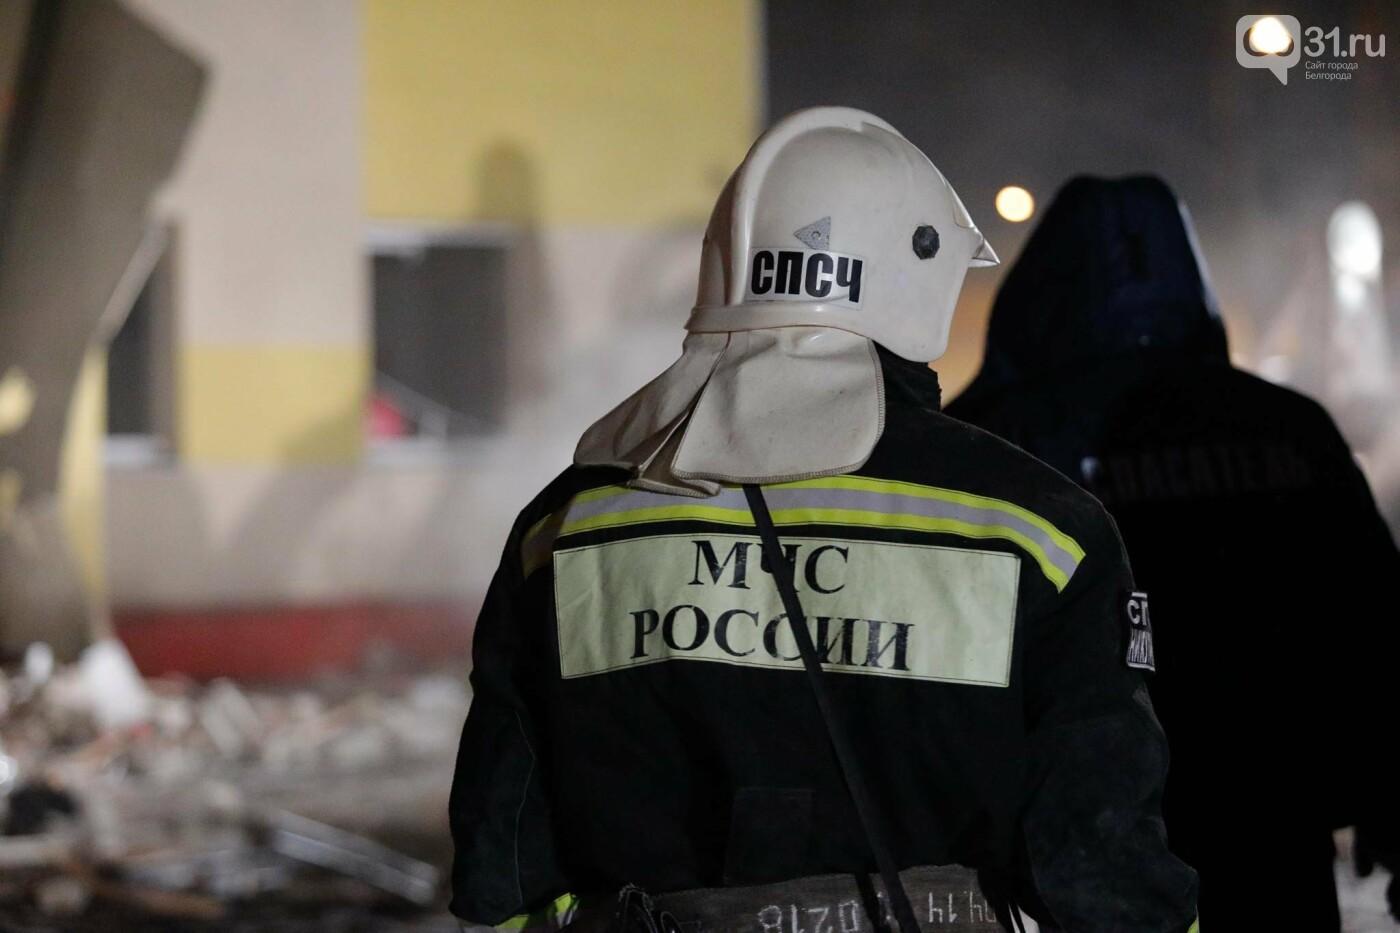 Под завалами разрушенного дома в Белгородской области нашли погибшего. Пострадали еще 6 человек (ФОТО И ПОДРОБНОСТИ), фото-6